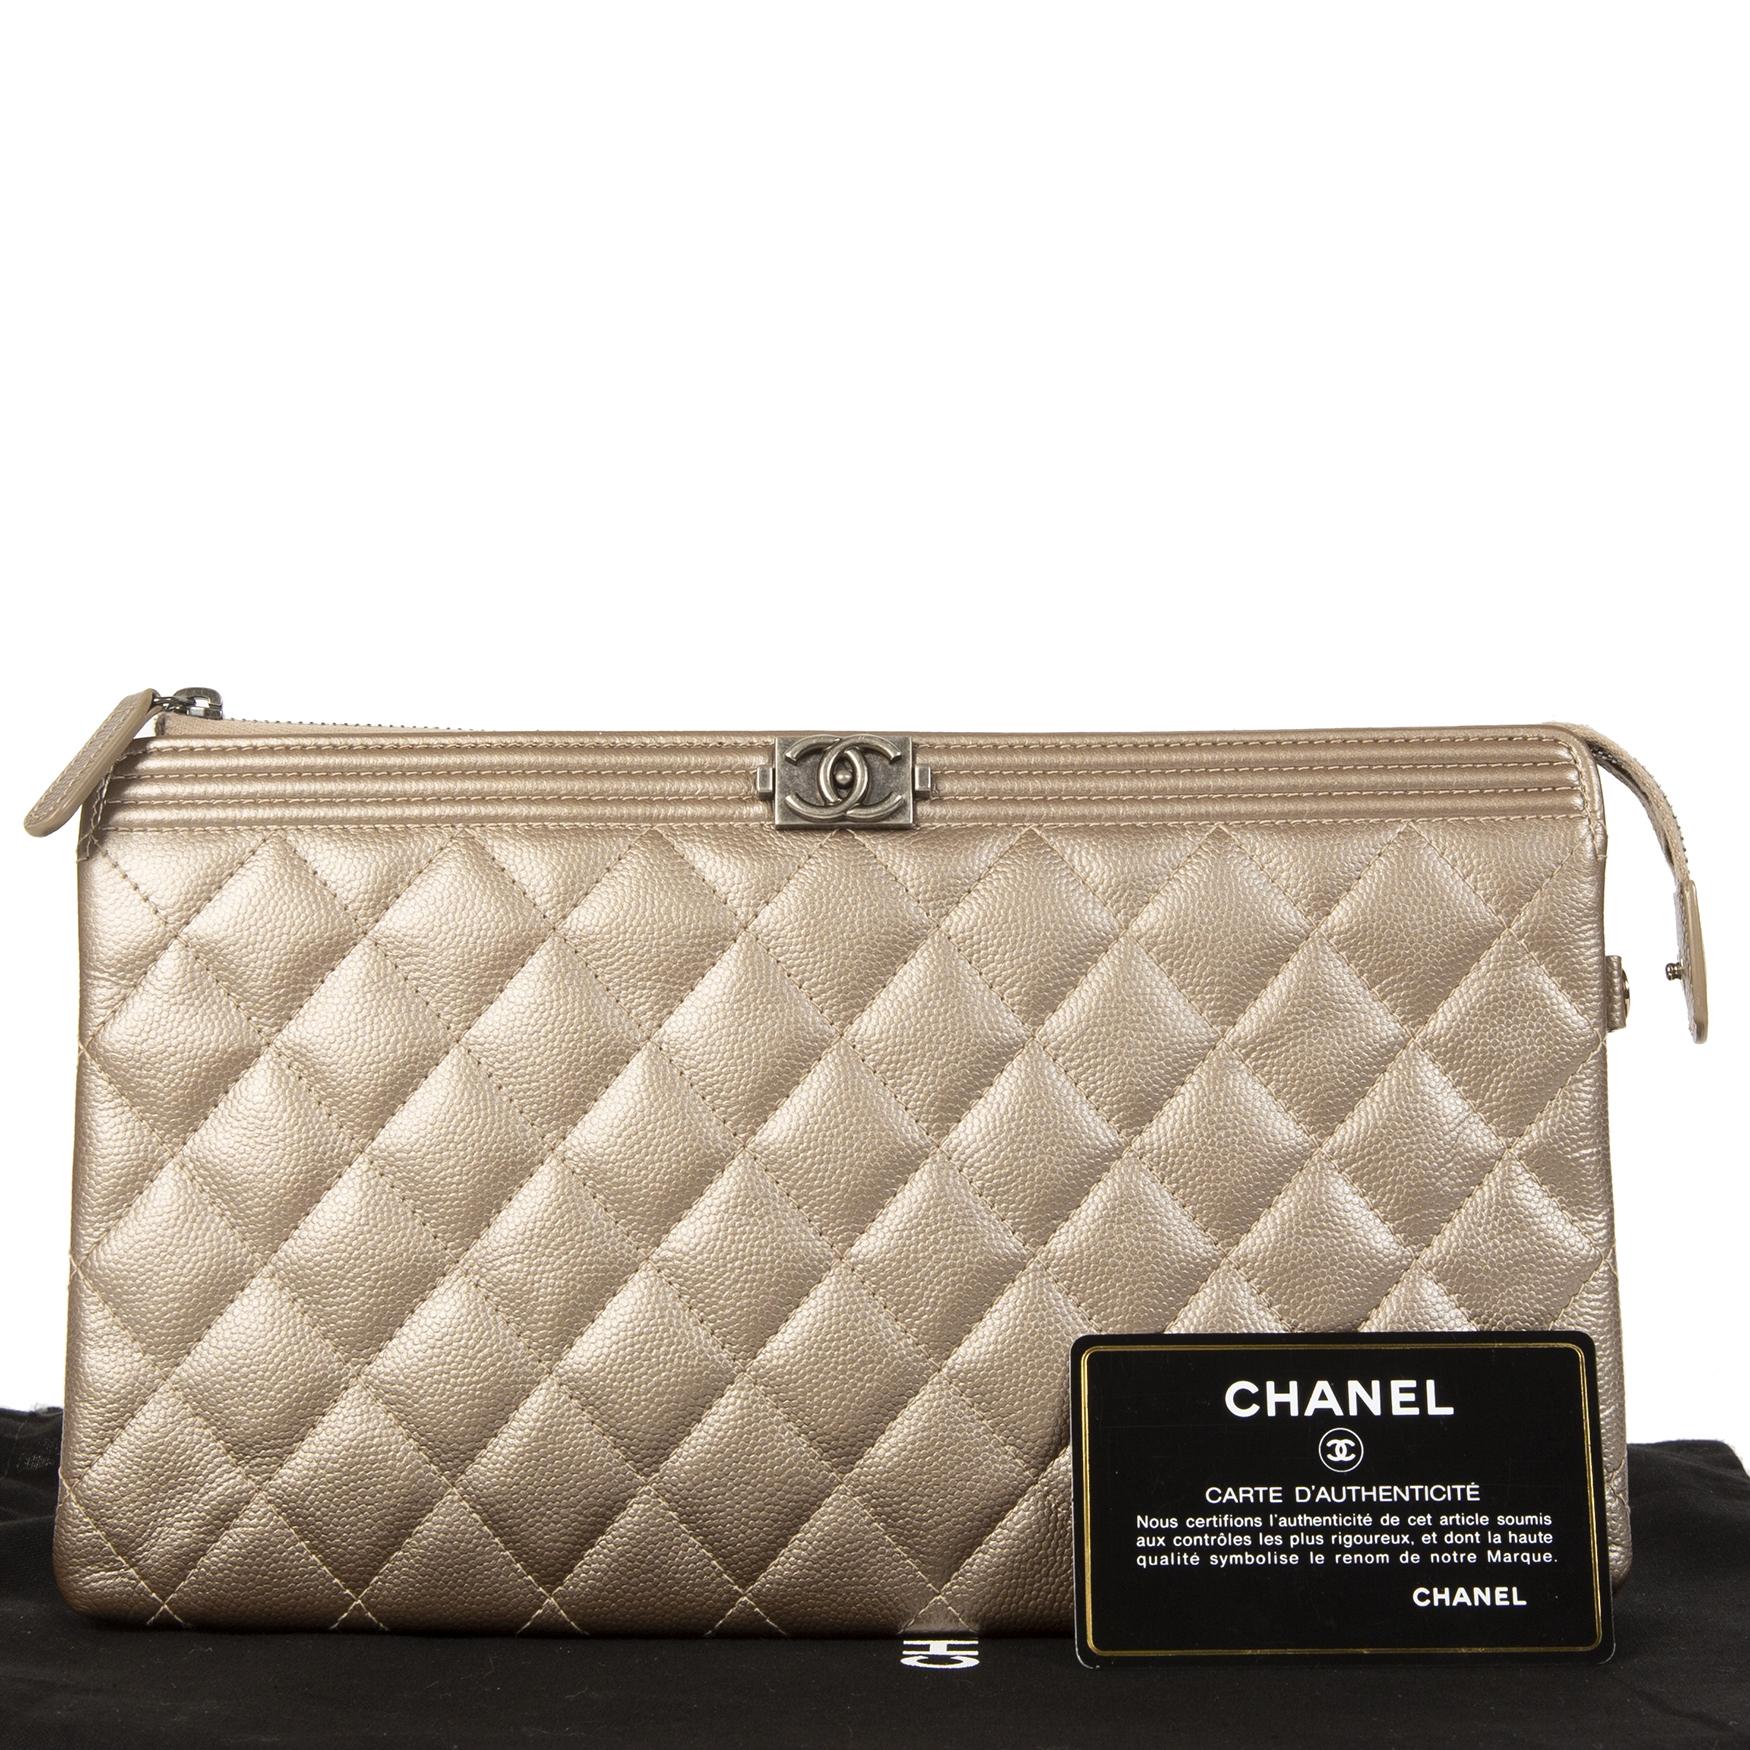 Authentieke tweedehands Chanel Boy Quilted Calfskin Gold Metallic Leather Clutch juiste prijs veilig online winkelen LabelLOV webshop luxe merken winkelen Antwerpen België mode fashion